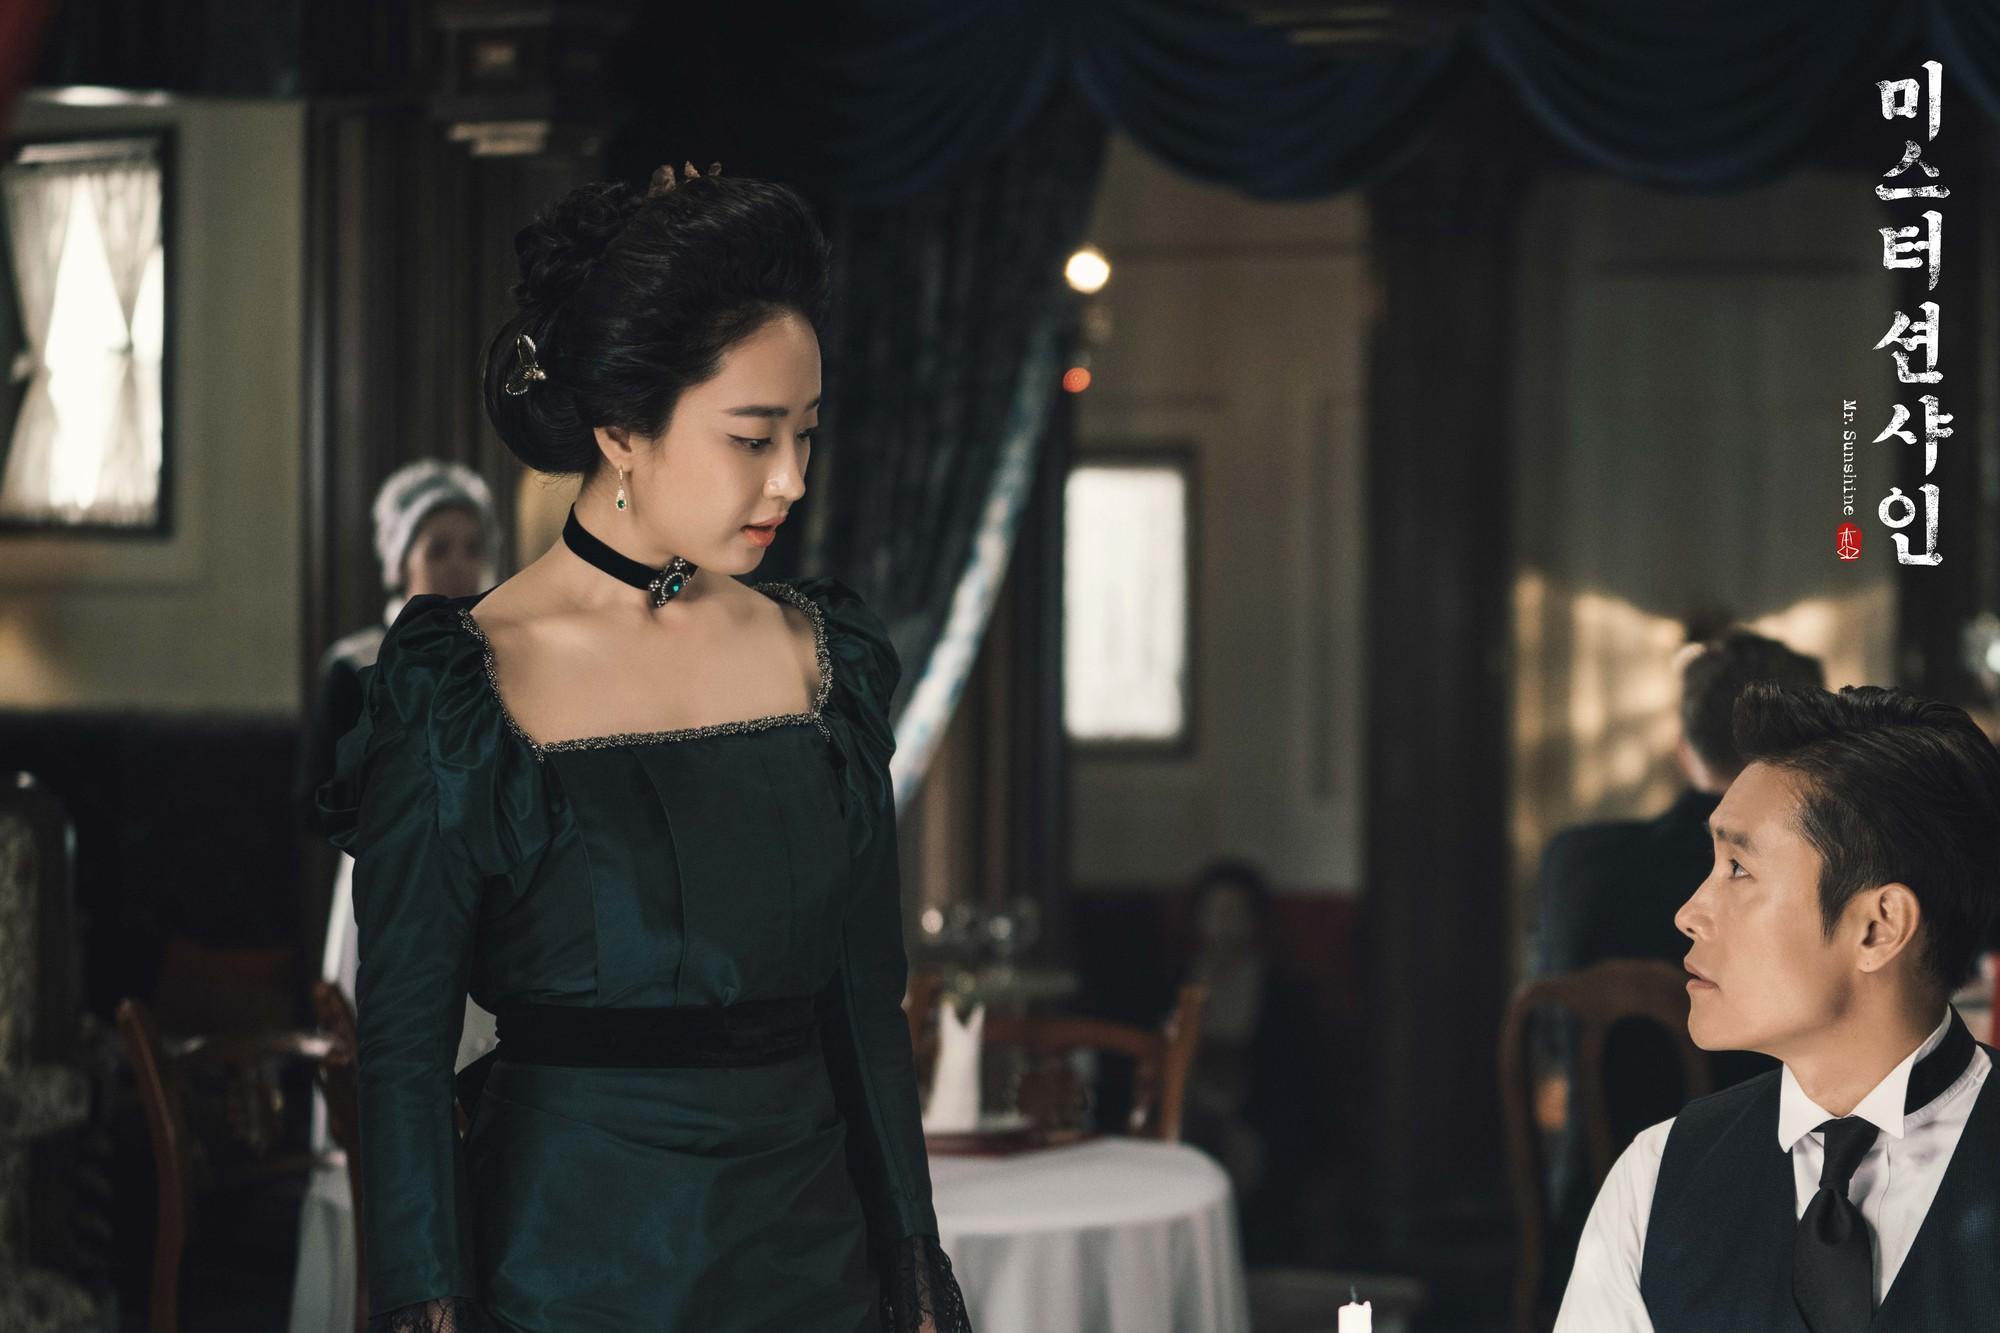 Bom tấn mới của mẹ đẻ Hậu Duệ Mặt Trời: Cuộc lãng phí tài lực khủng khiếp của đài tvN - Ảnh 5.